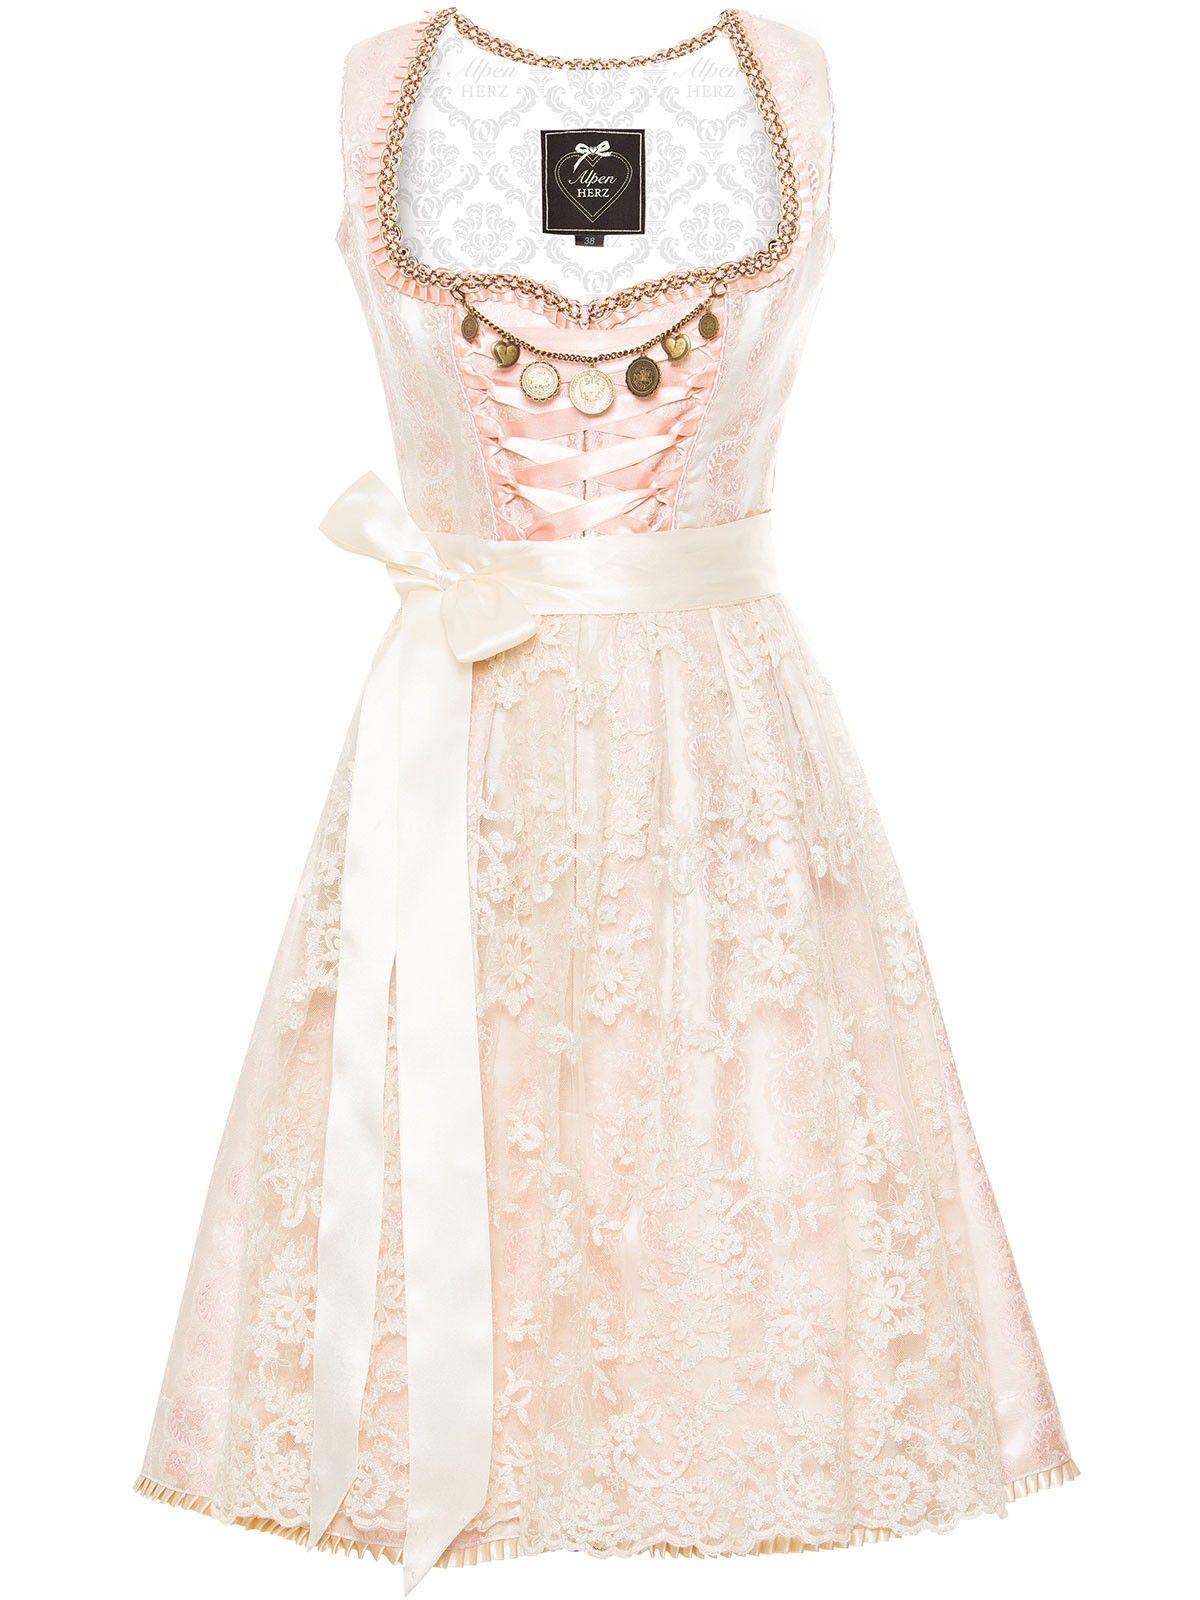 Hochzeitsdirndl Rosa Von Alpenherz Modell Grazia Hochzeitskleid Dirndl Braut Dirndl Dirndl